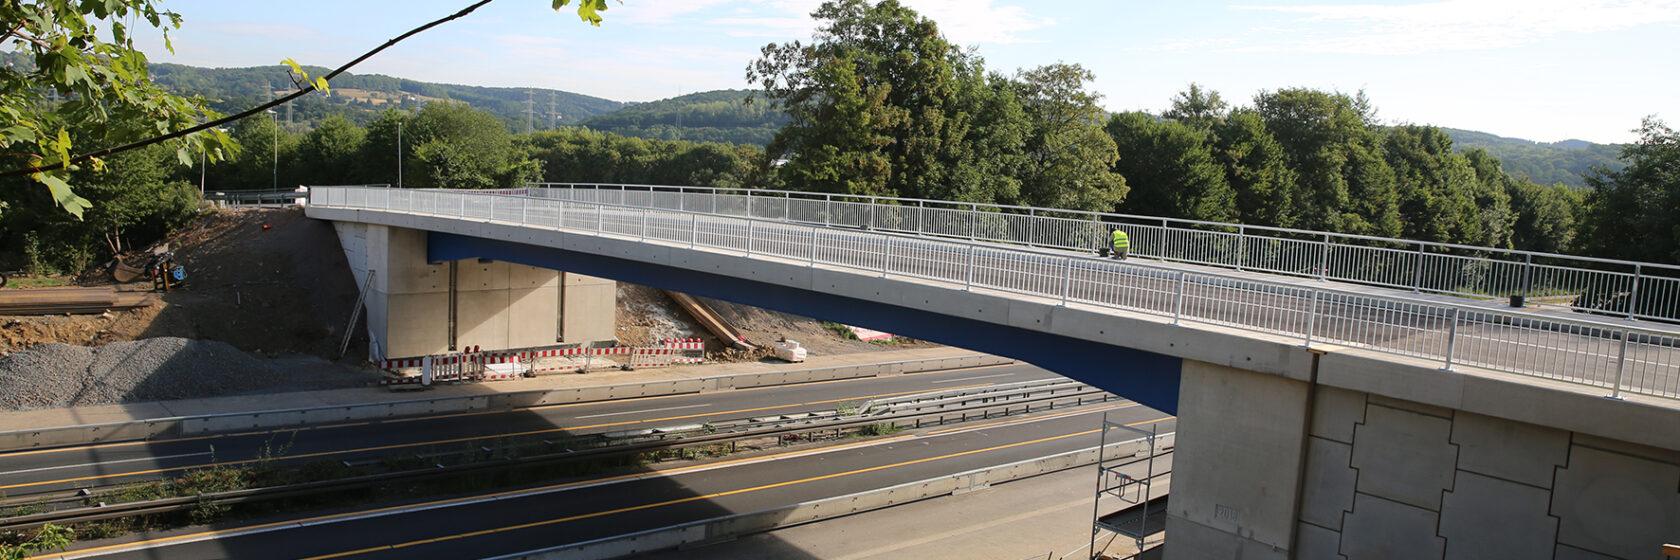 Brücke A46 bei Hagen